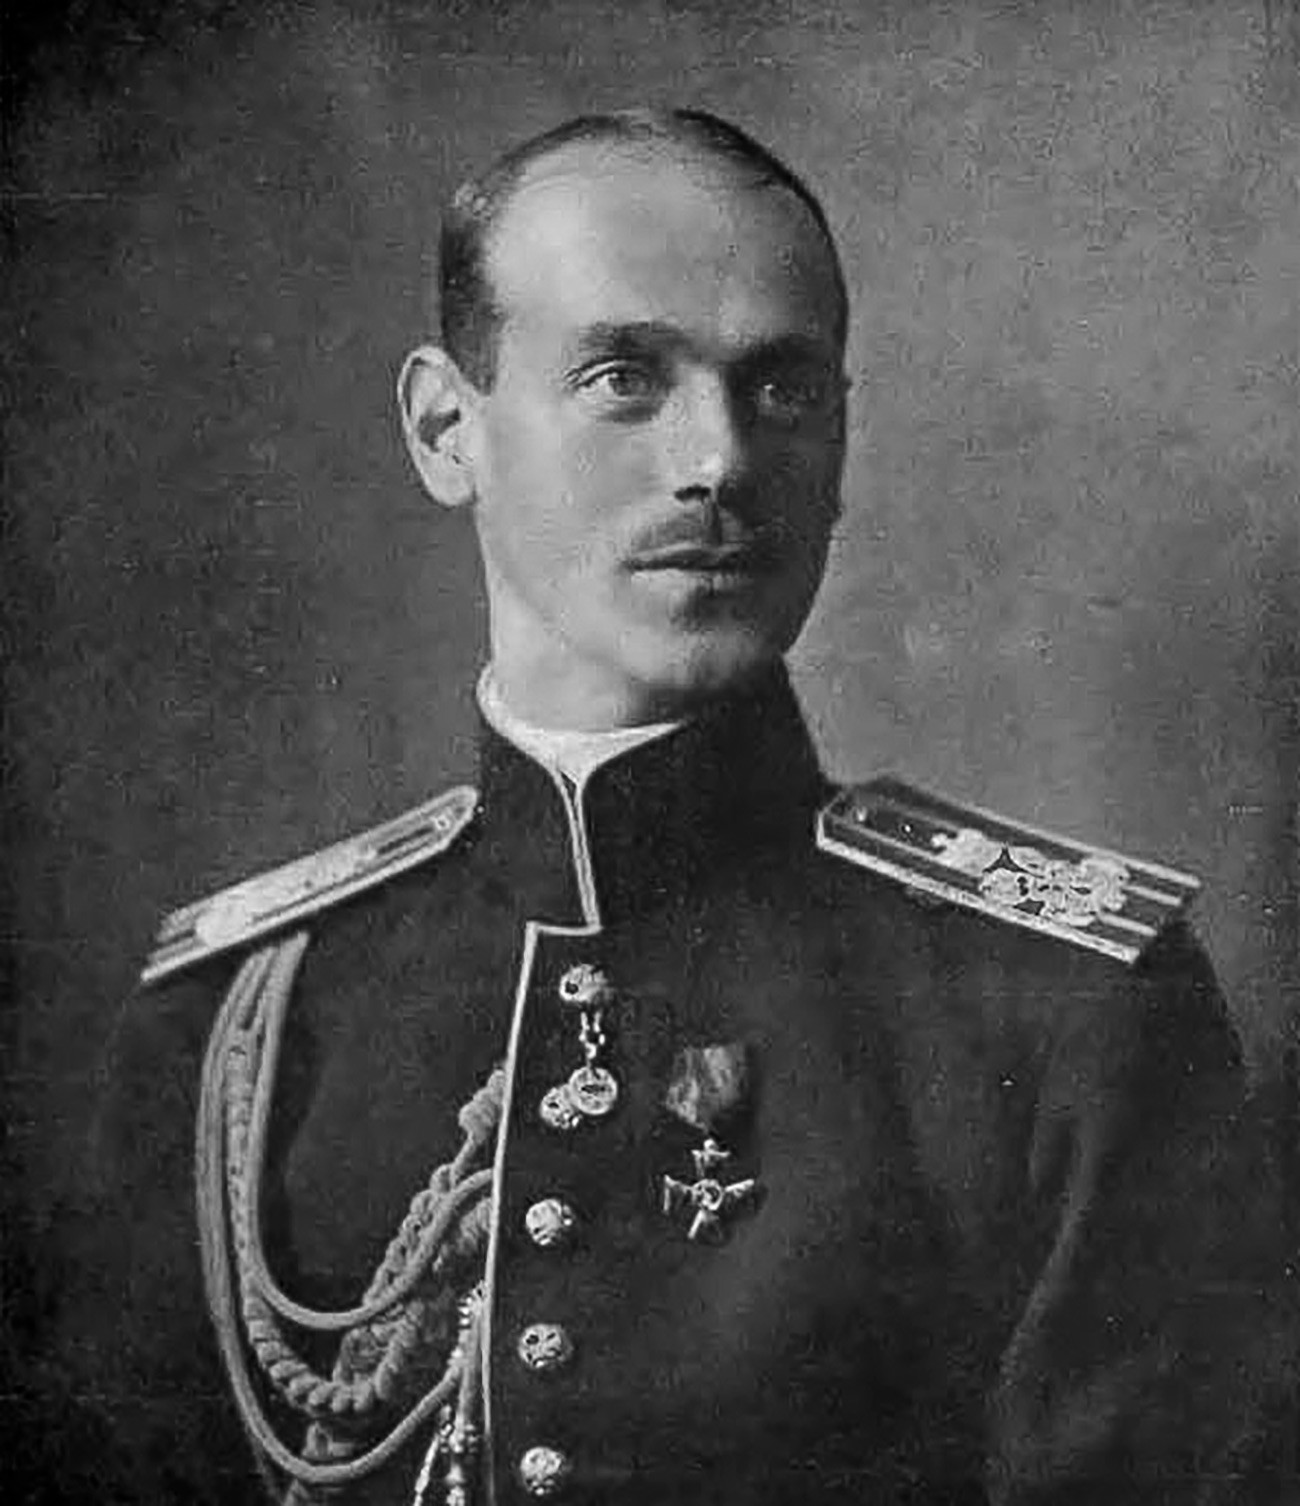 Mikhaïl Alexandrovitch